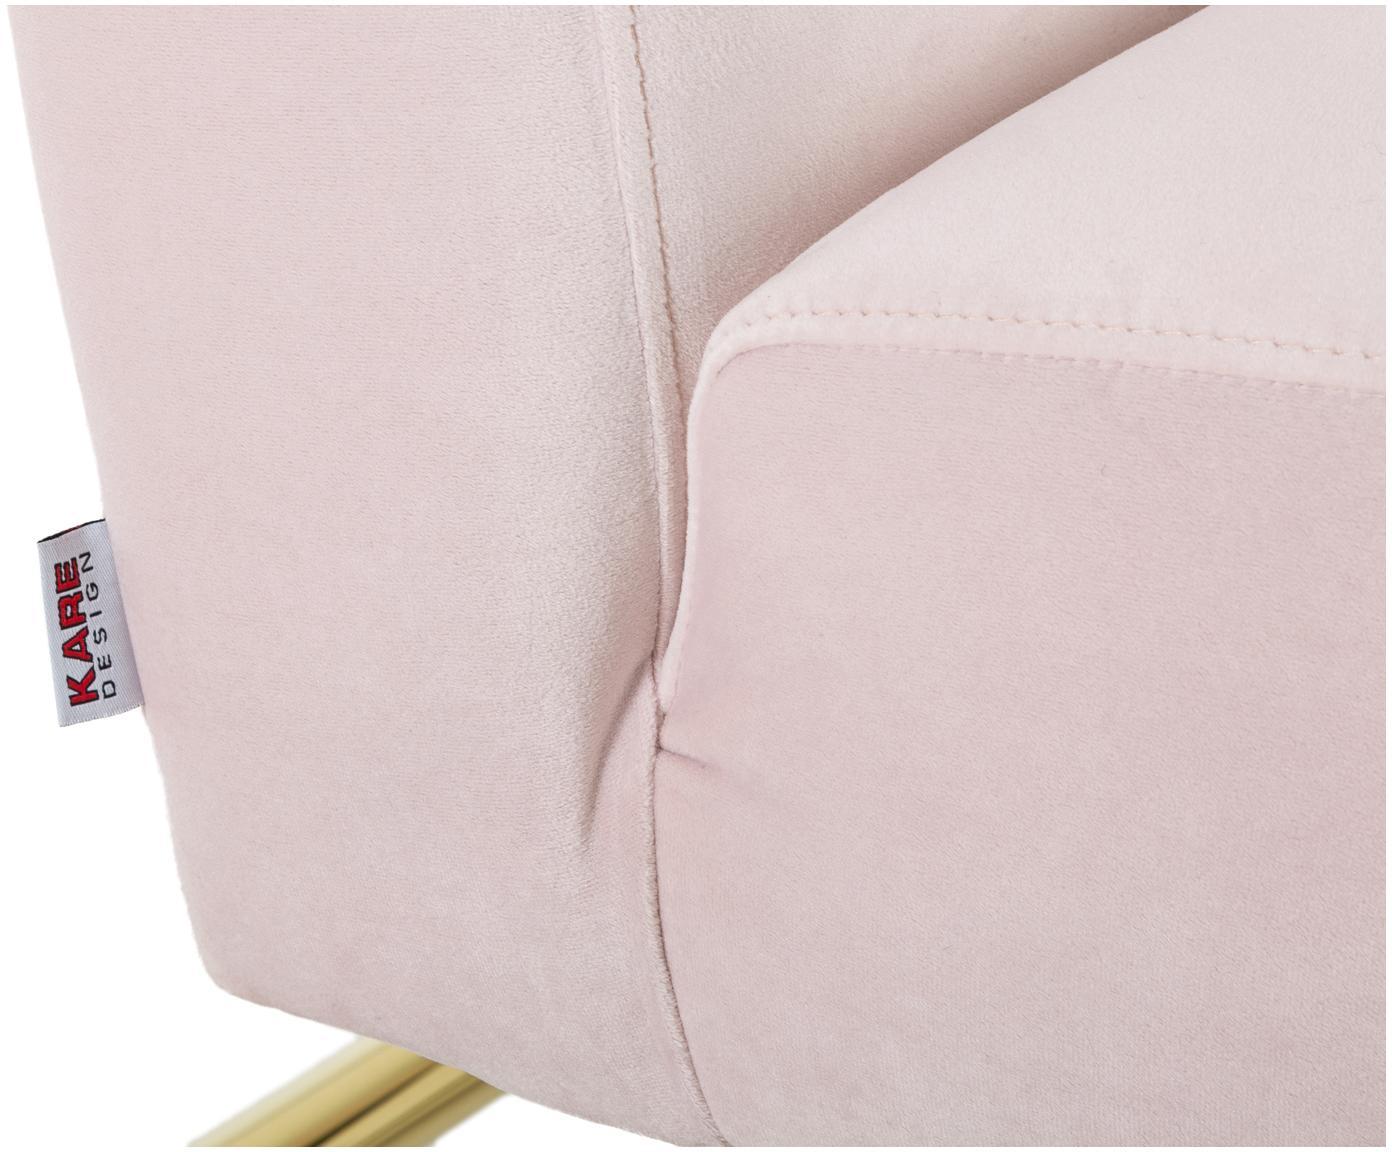 Fotel z aksamitu Vegas, Tapicerka: poliester (aksamit), Stelaż: stal szlachetna , szczotk, Blady różowy, S 70 x G 86 cm